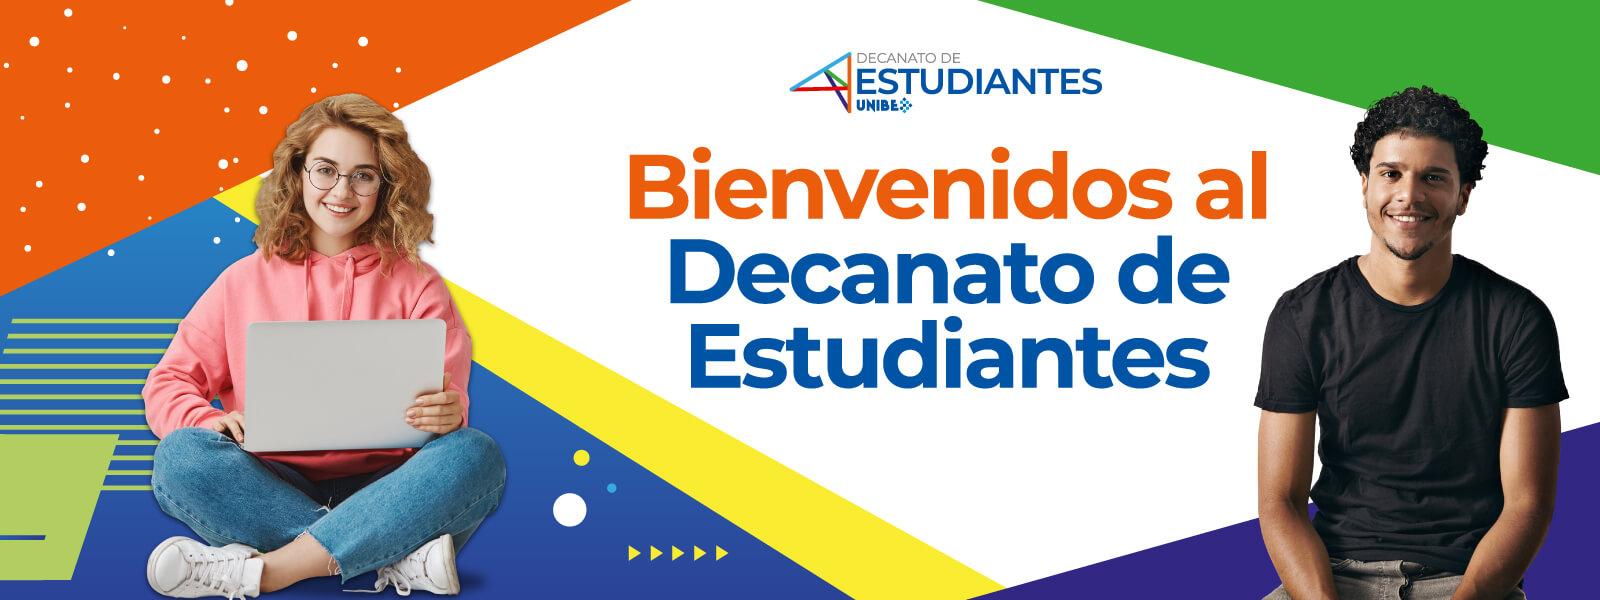 Bienvenidos al Decanato de Estudiantes